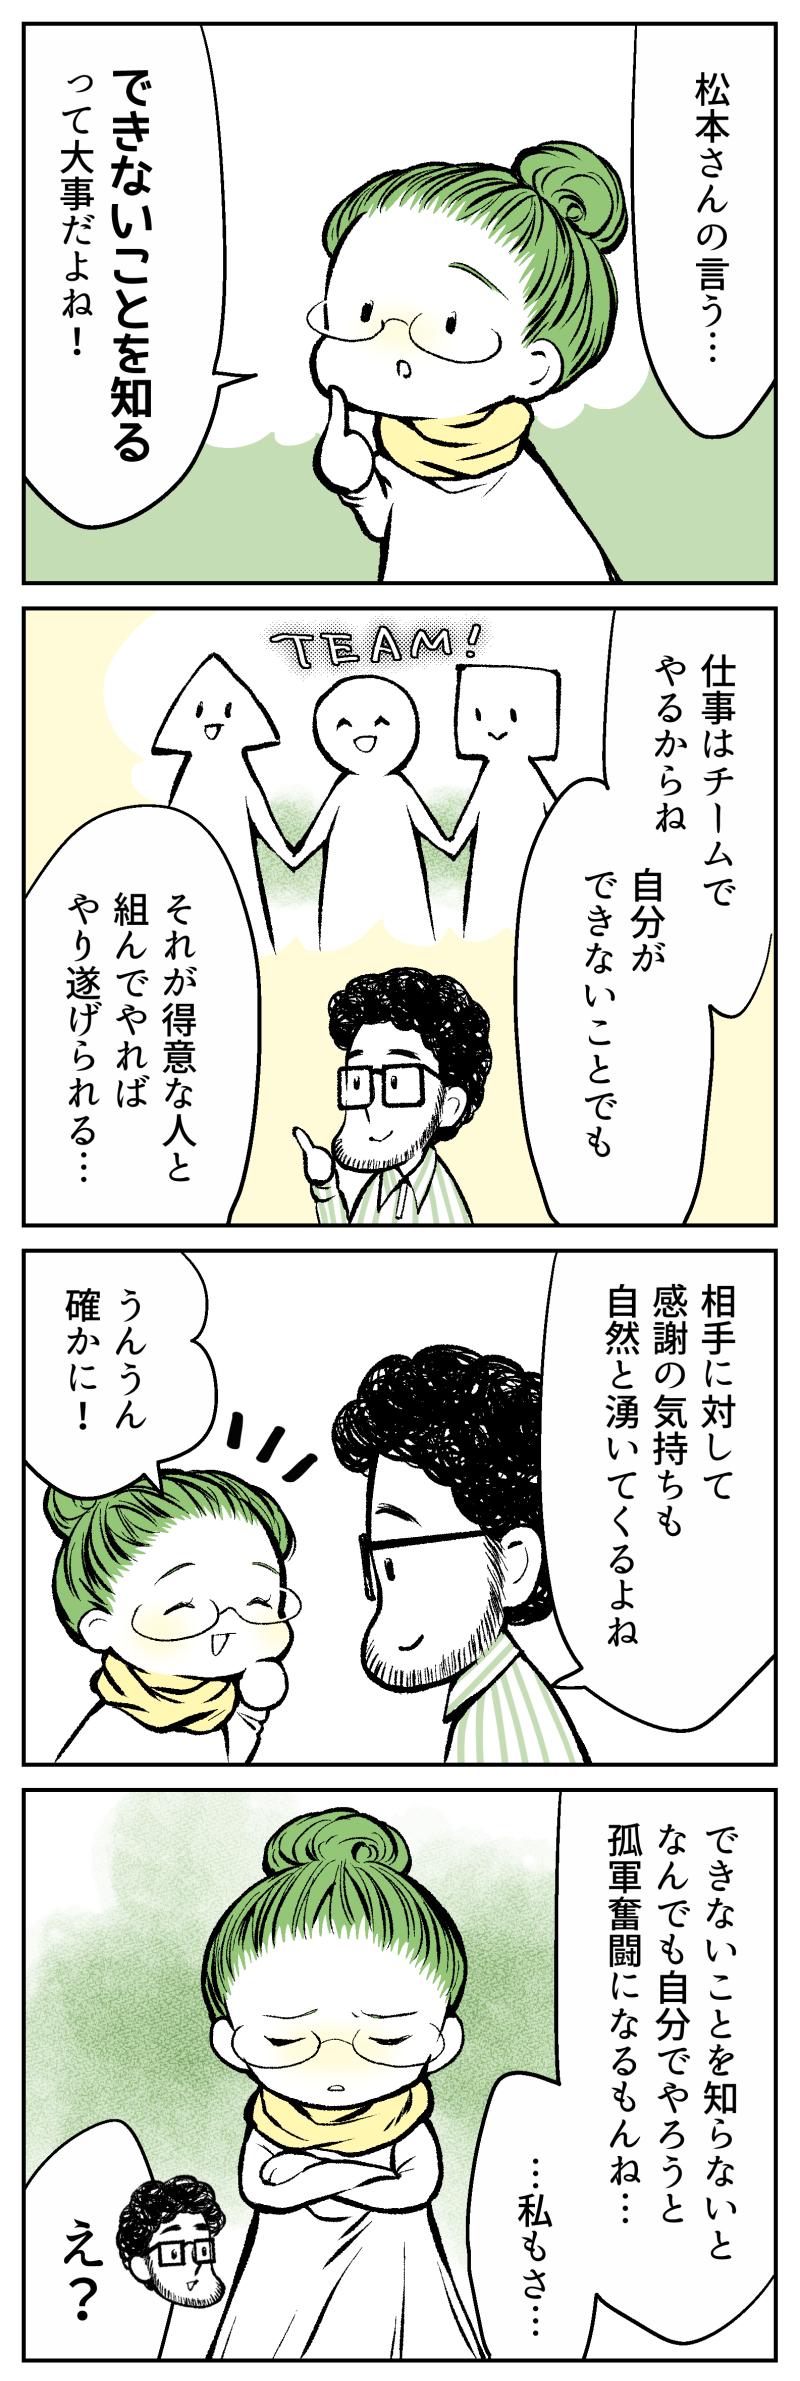 伯爵3話_008.jpg